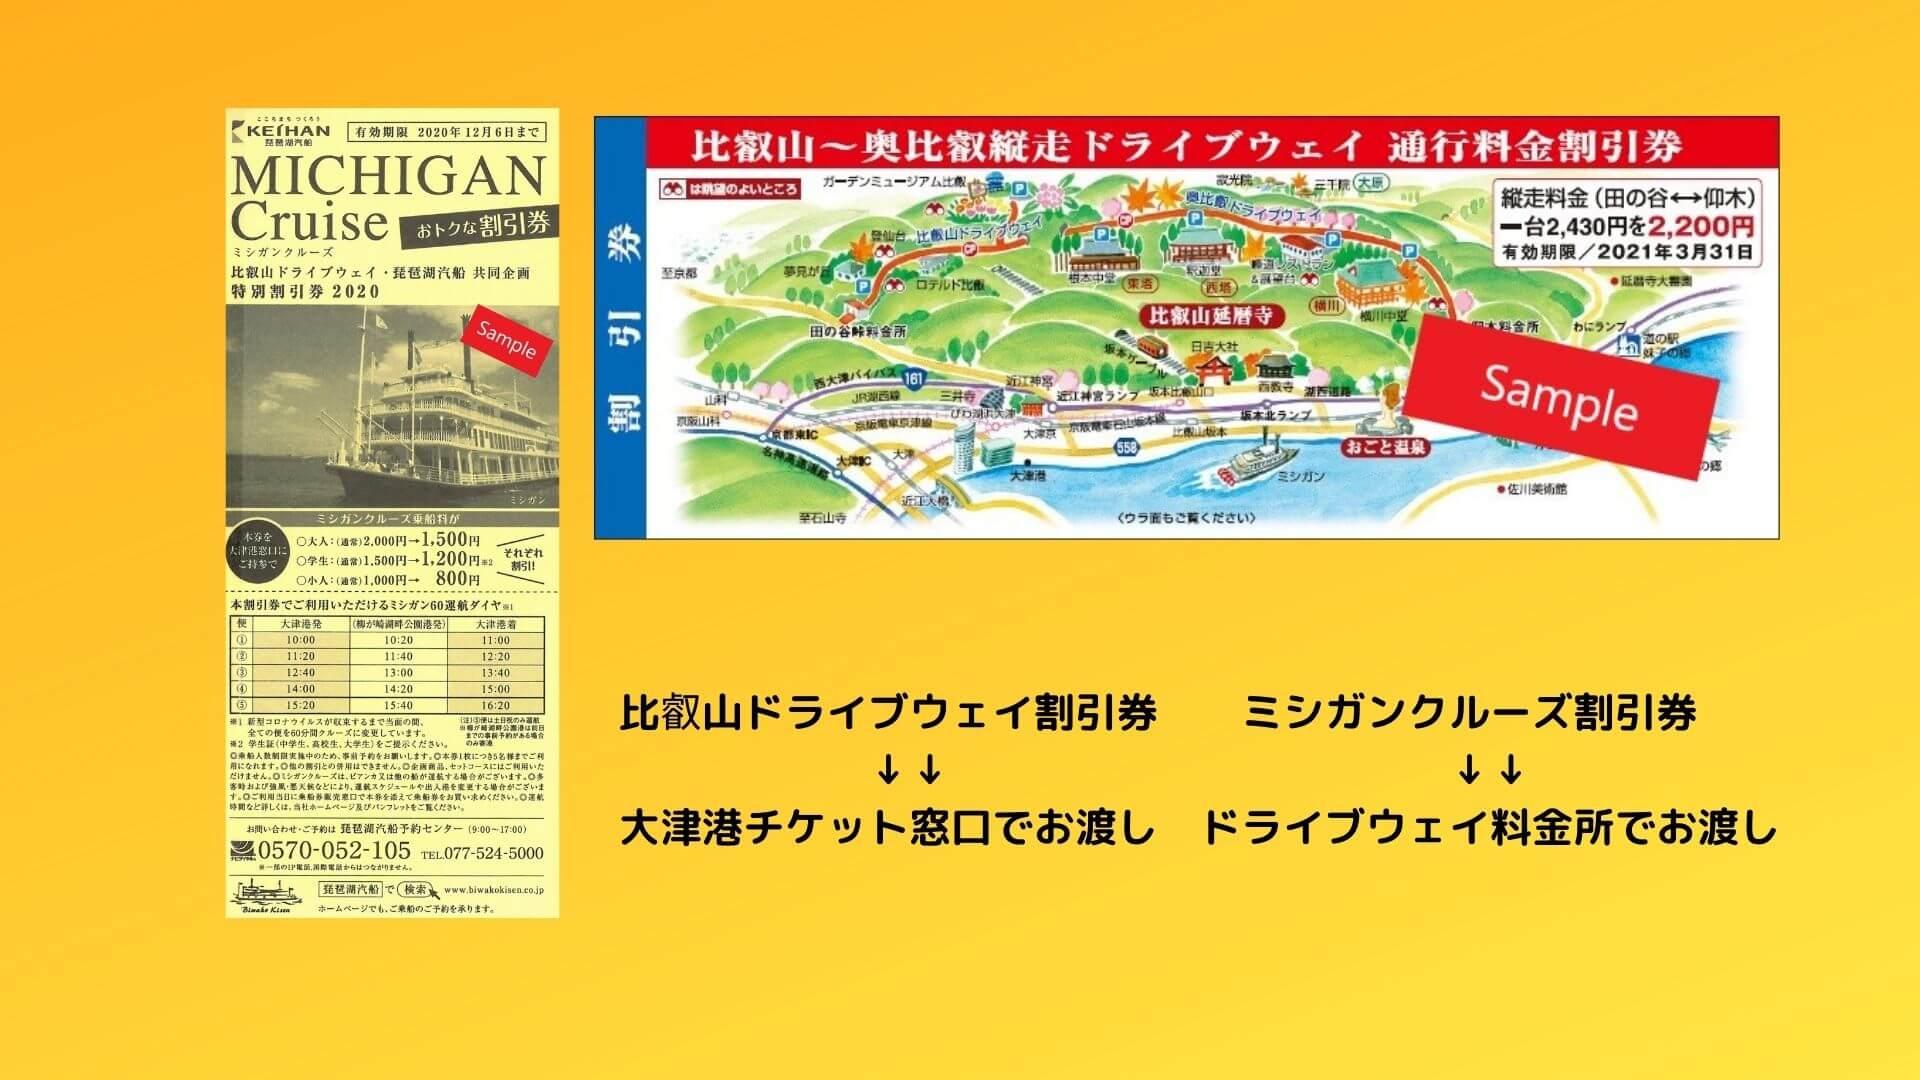 マイカーで出かけよう! 比叡山ドライブウェイ×ミシガンクルーズ相互利用キャンペーン